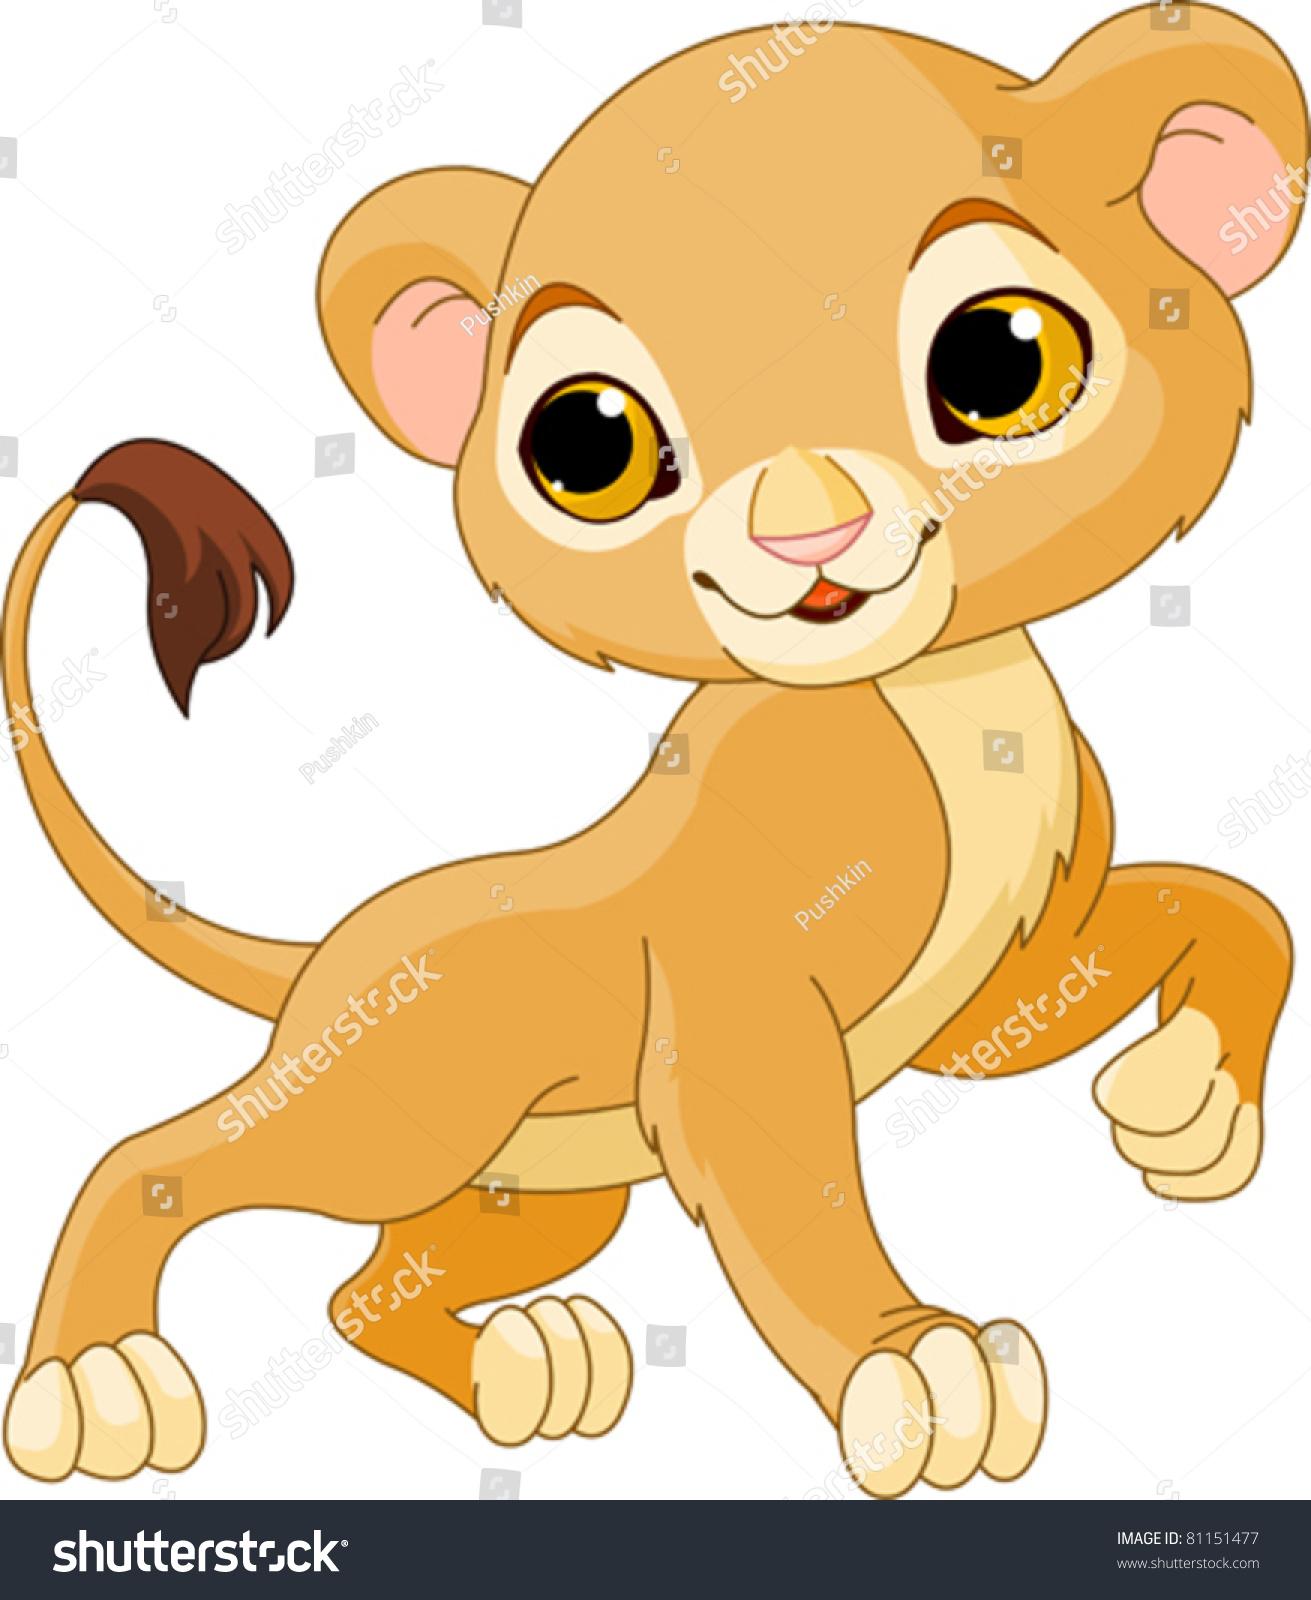 how to draw a lion cub cartoon